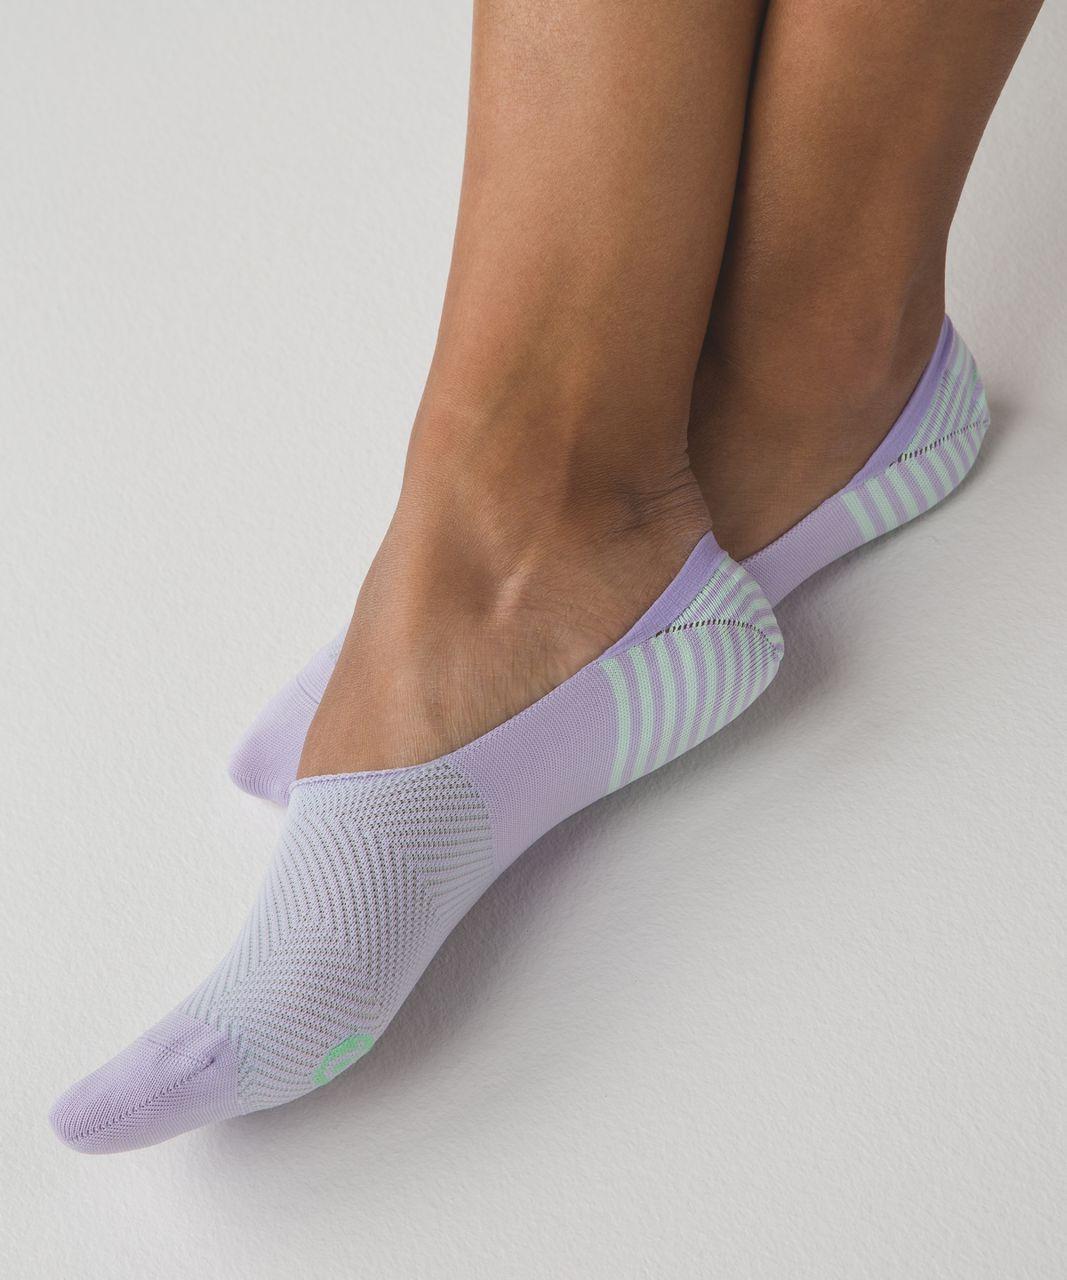 Lululemon Secret Sock - Lilac / Sea Mist